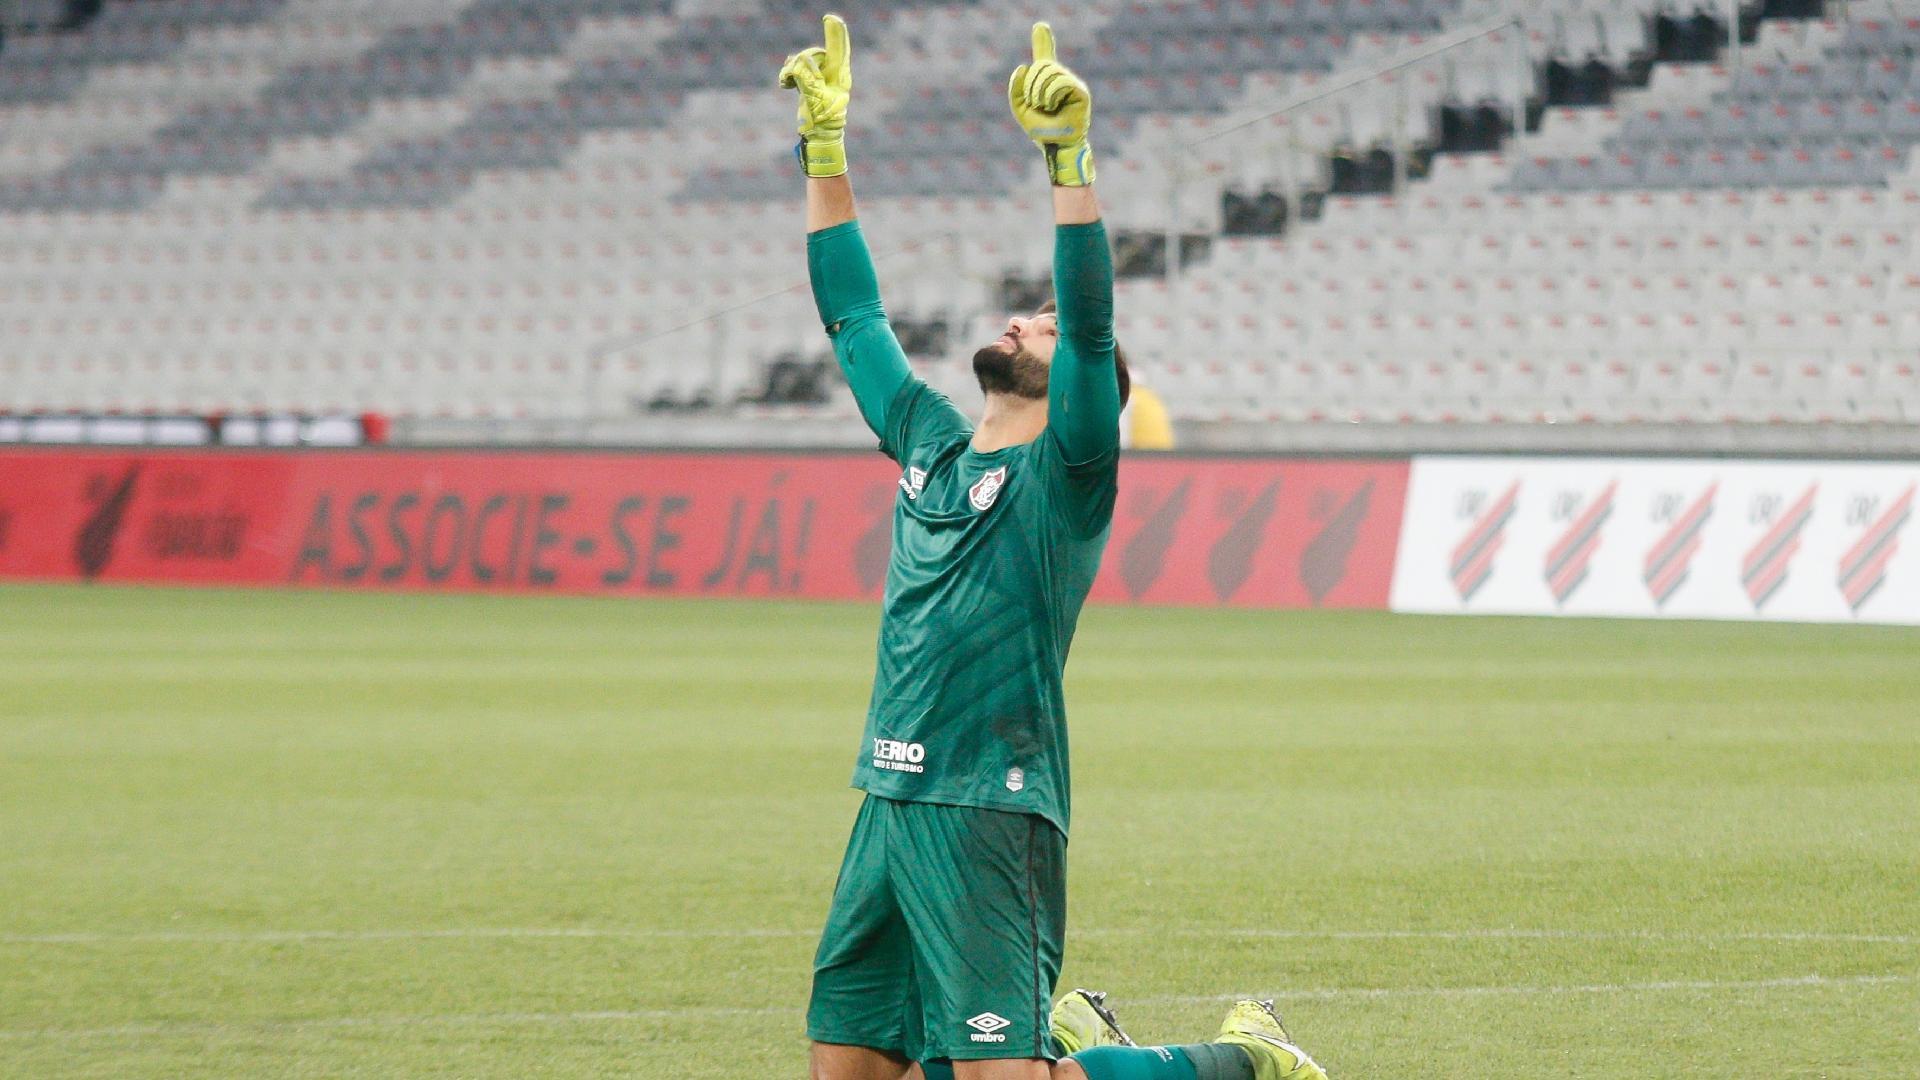 Muriel comemora após fazer defesas que garantiram a vitória do Fluminense